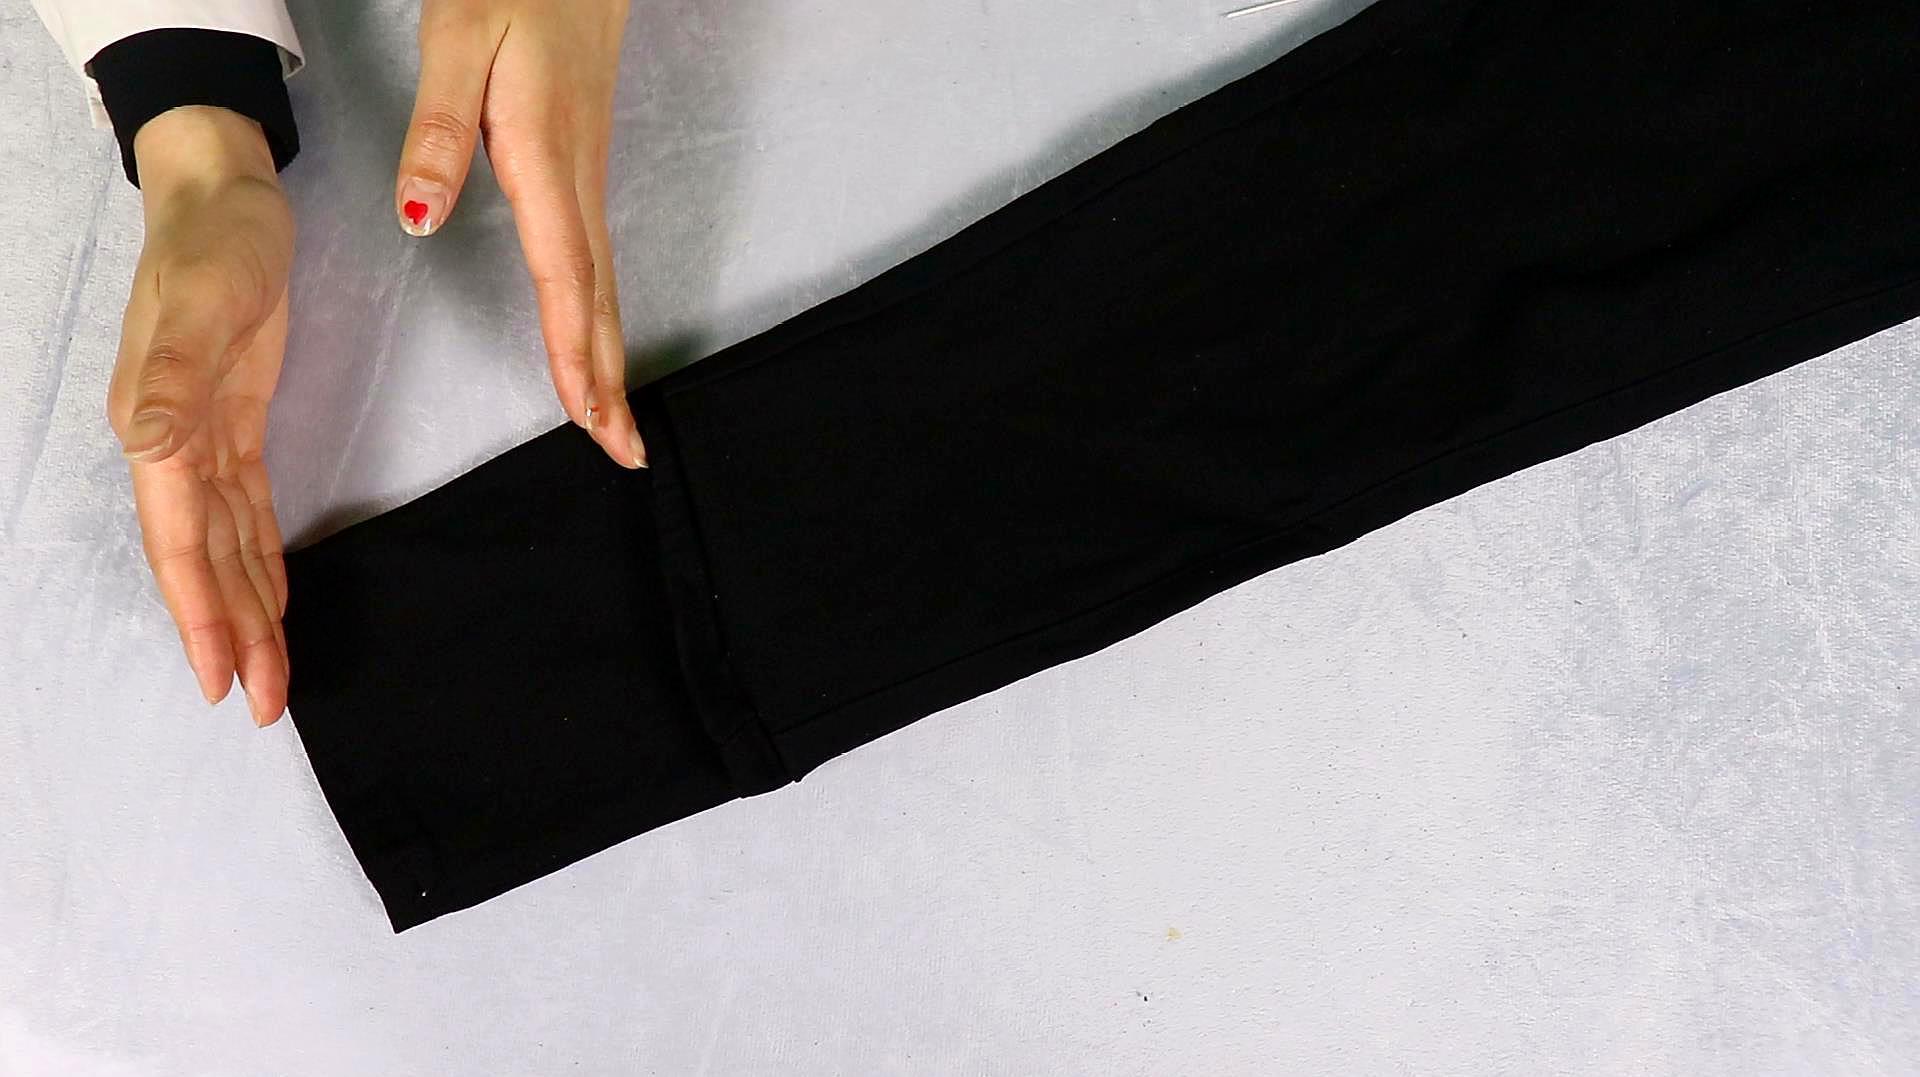 裤脚太长不用剪,教你隐形无痕缝法,简单实用,不用花钱请人改了